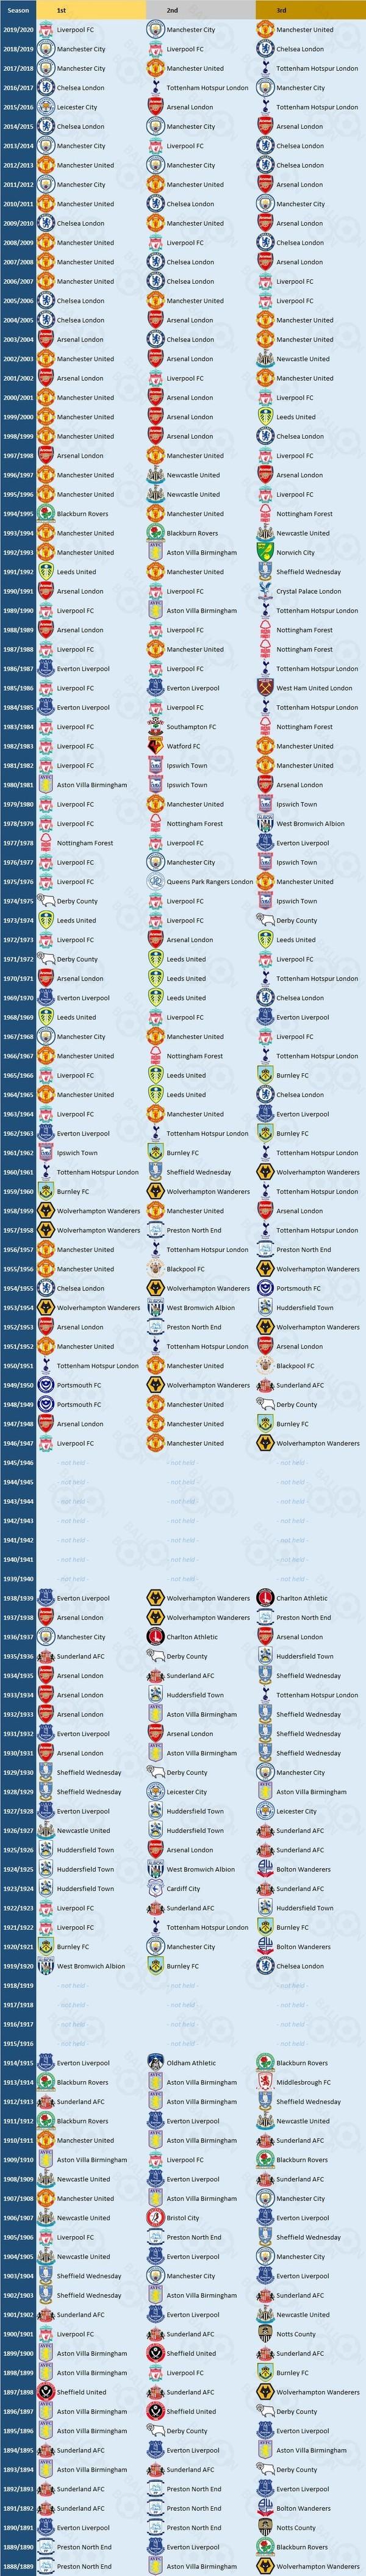 Medaliści Mistrzostw Anglii w piłce nożnej na przestrzeni lat